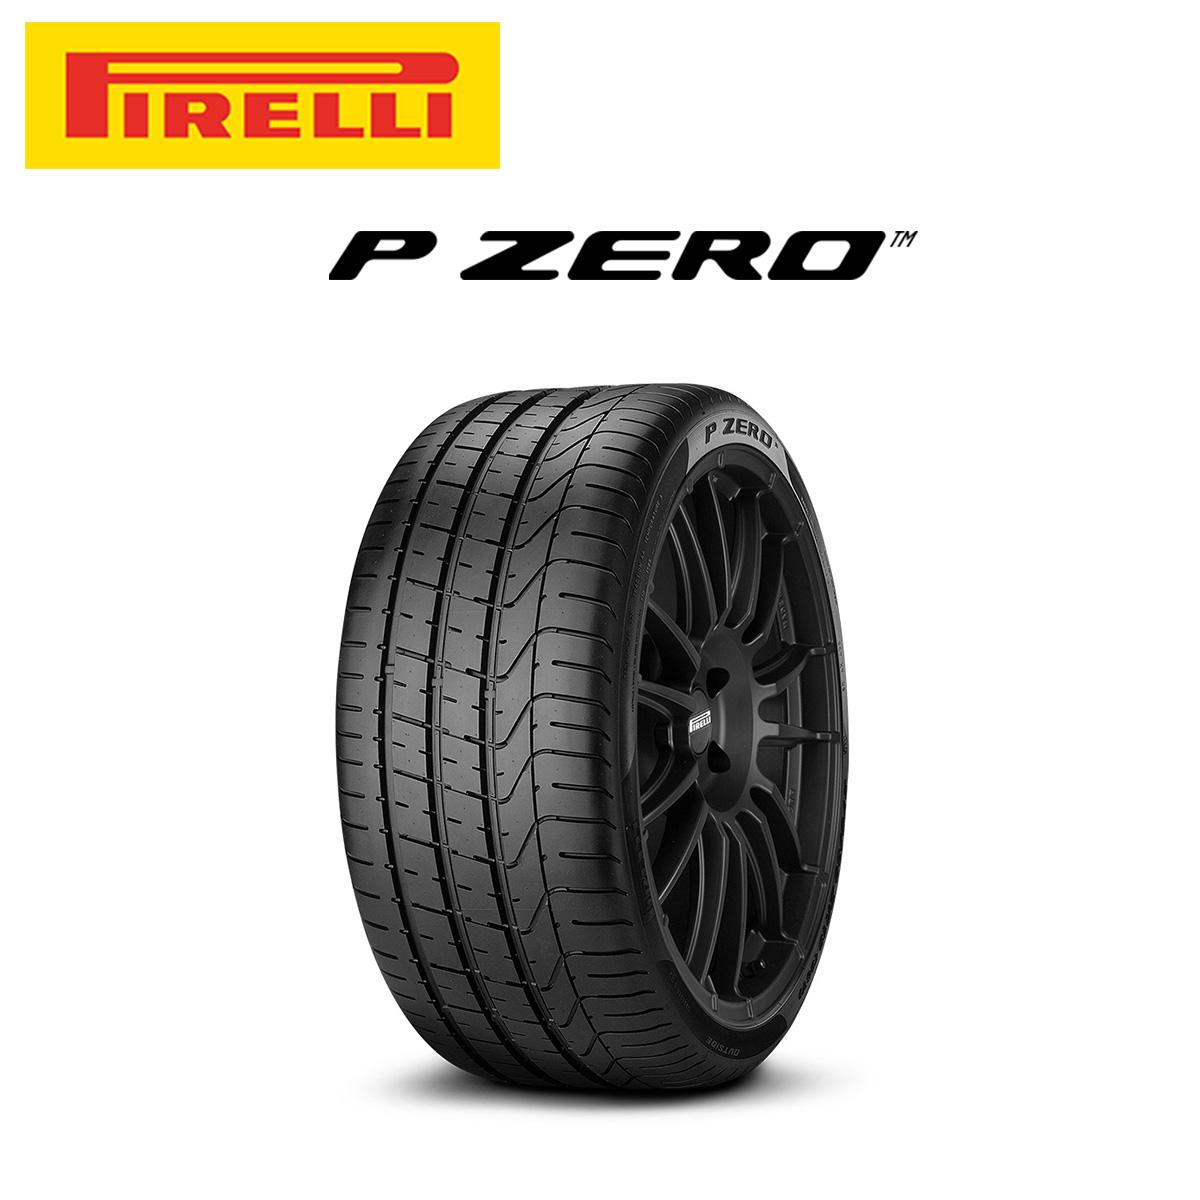 ピレリ PIRELLI P ZERO ピーゼロ 22インチ サマー タイヤ 4本 セット 275/40R22 108Y XL ncs LR:ランドローバー承認タイヤ 2559500